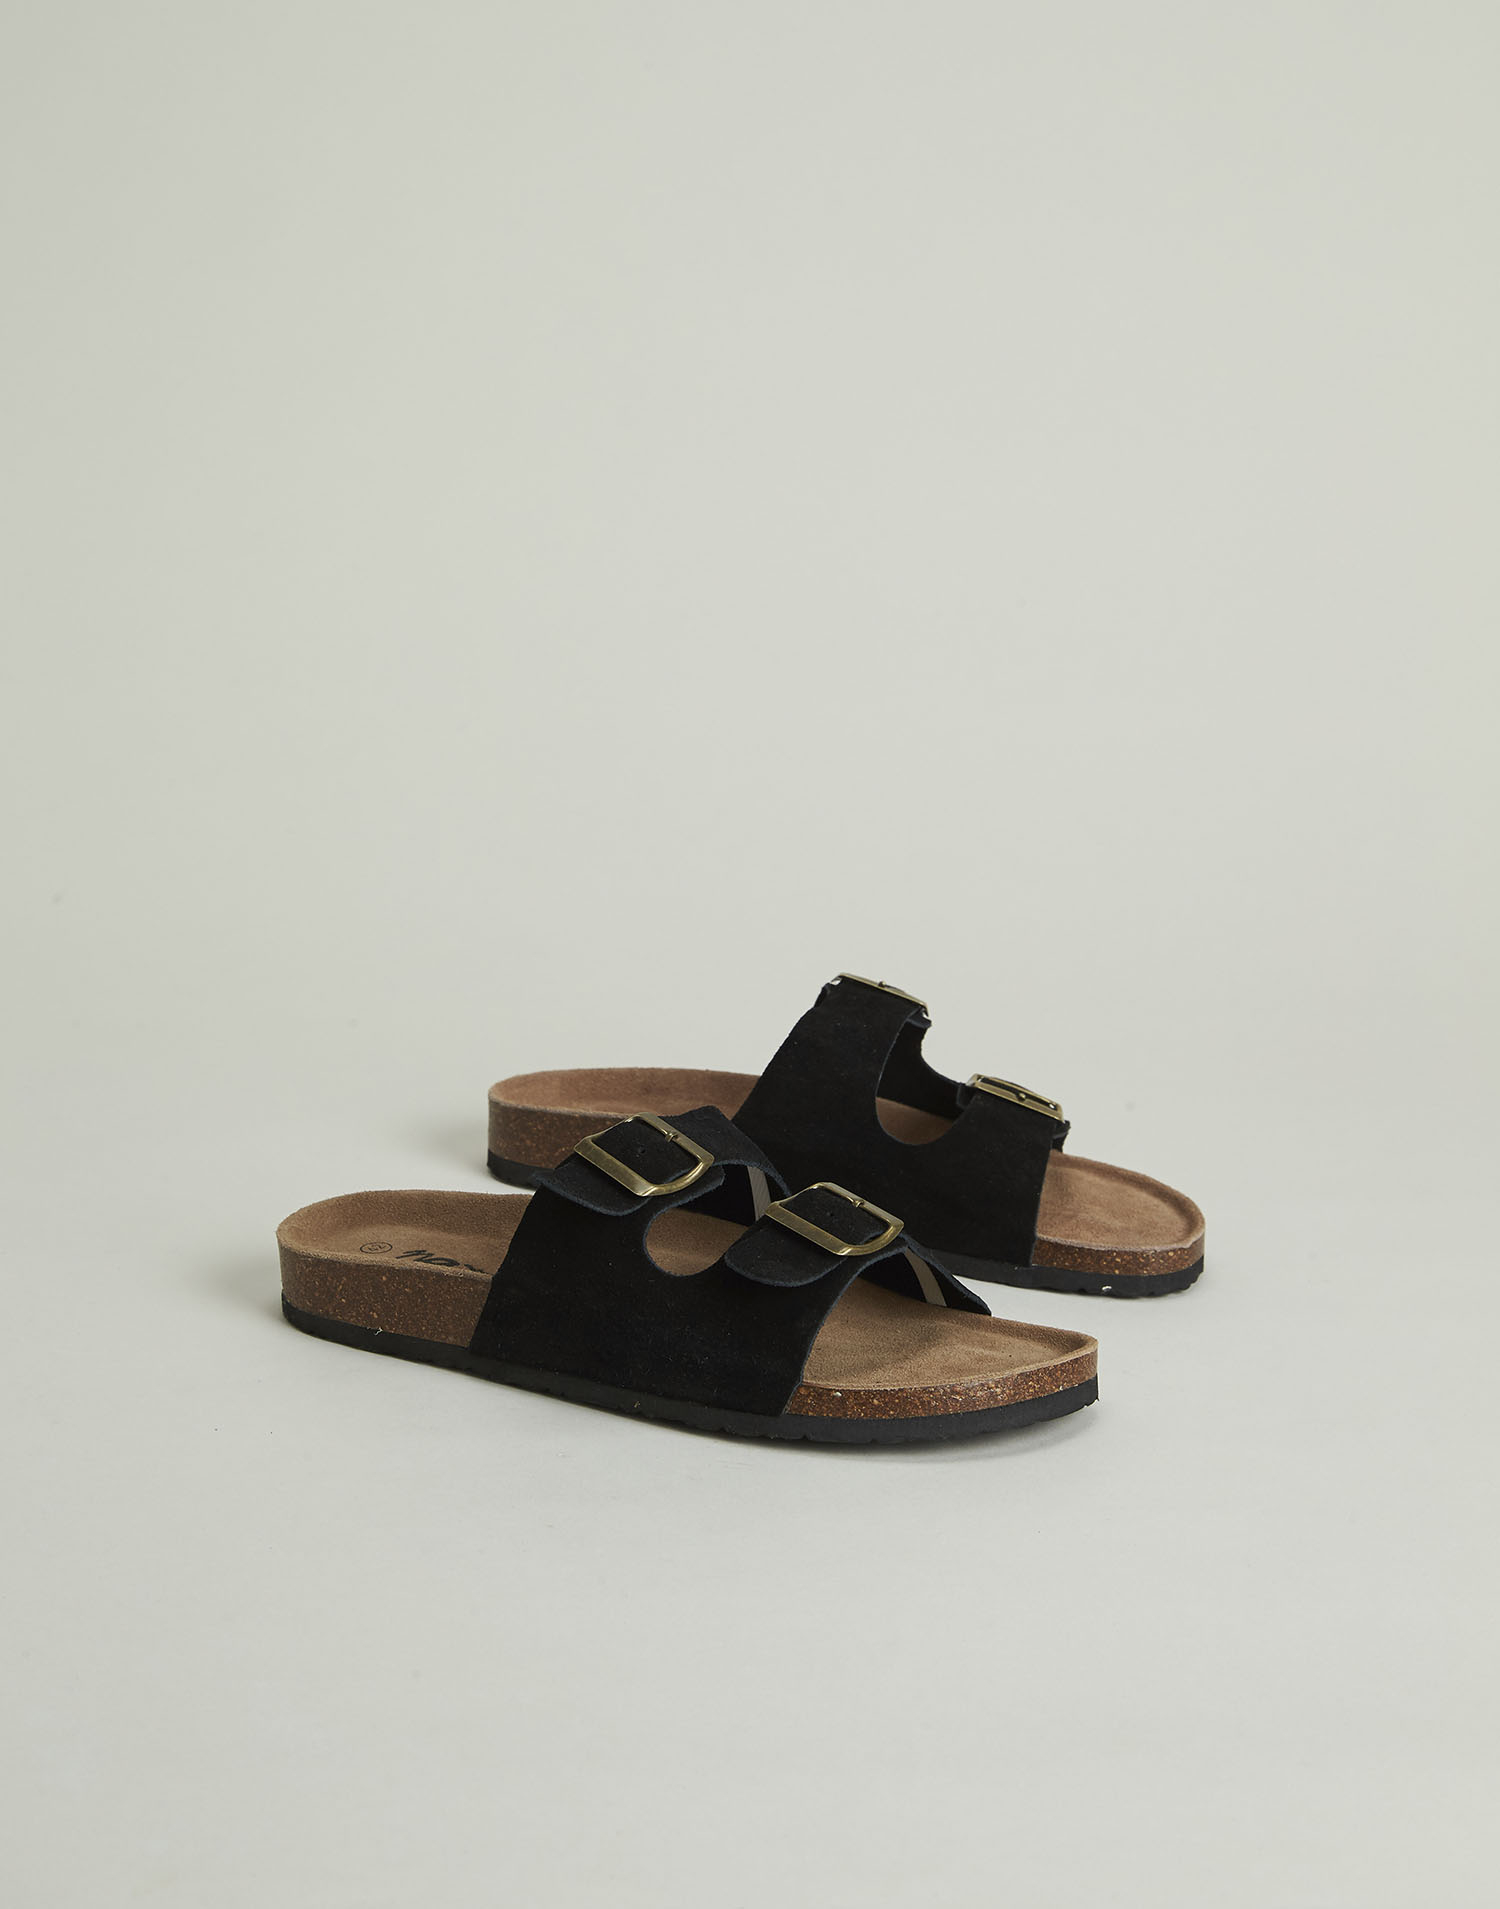 Ergonomic leather sandal for men